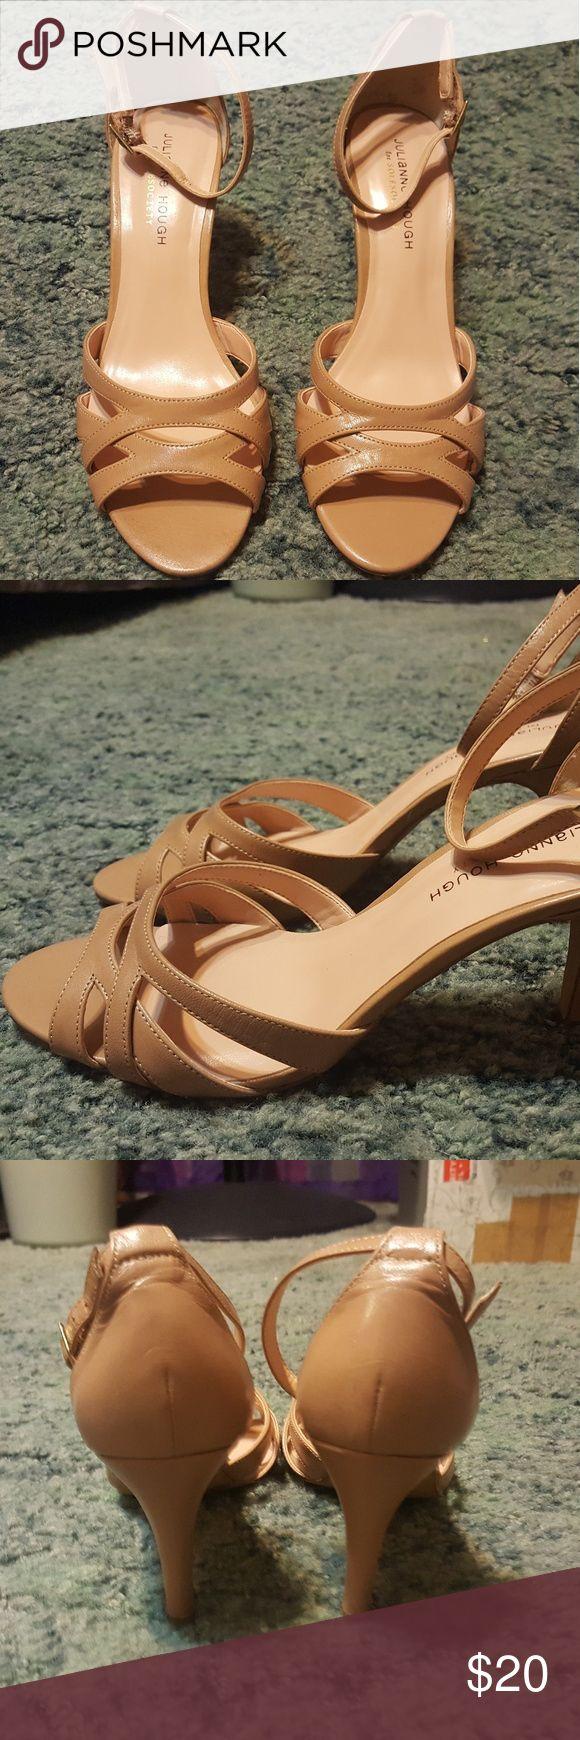 Nude Julianna Hough Heels Size 10 julianna hough Shoes Heels